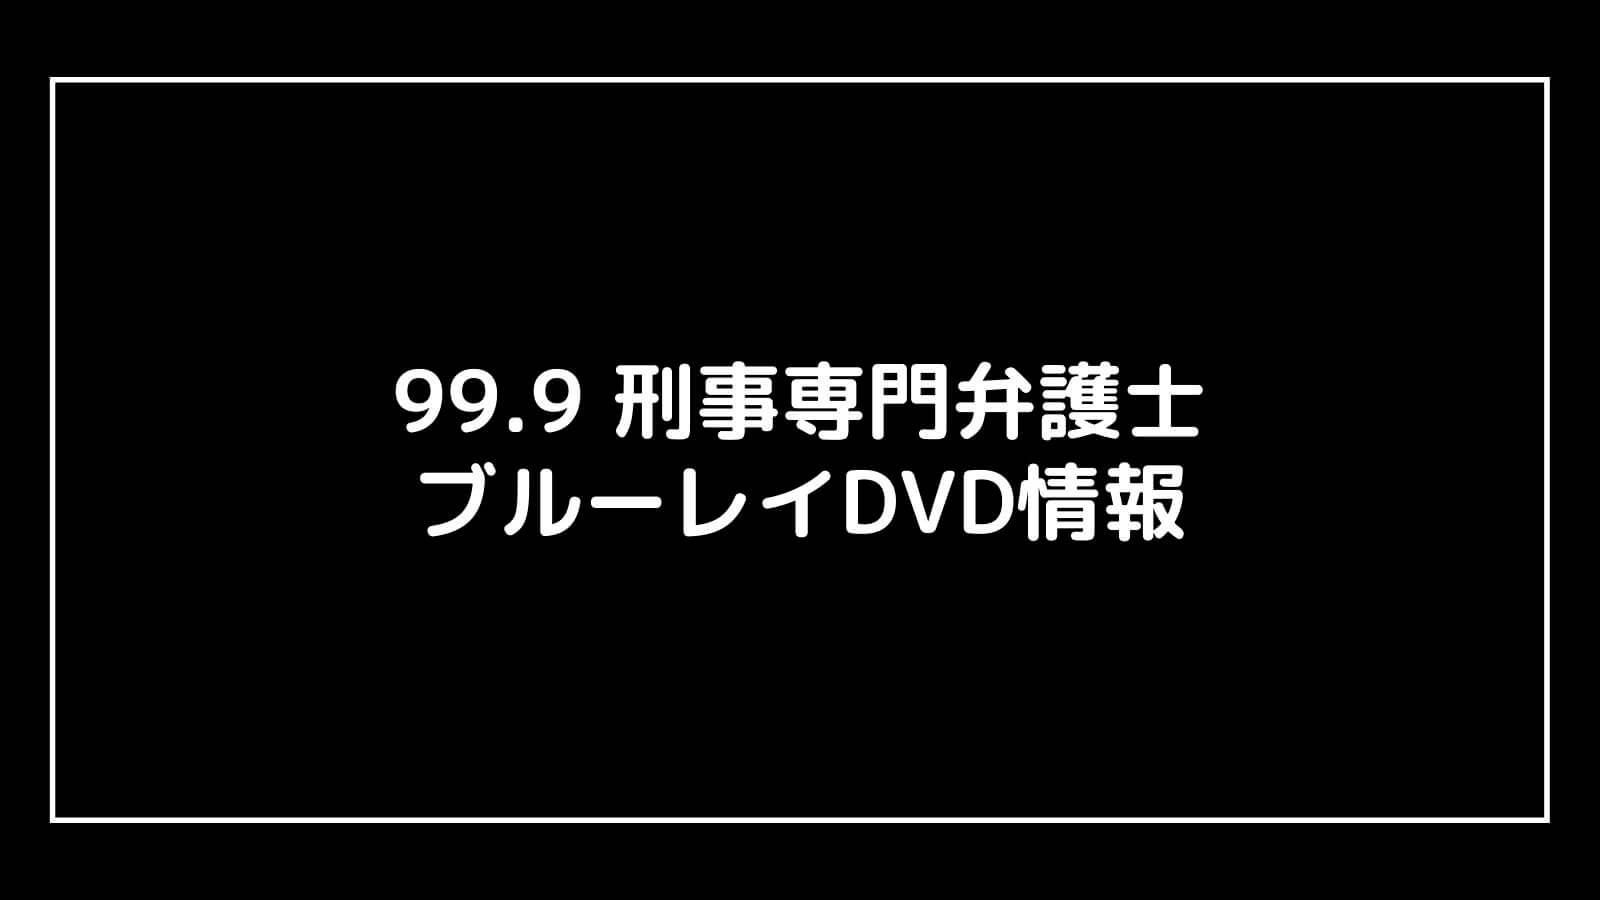 映画『99.9 刑事専門弁護士』のDVD発売日と予約開始日はいつから?円盤情報まとめ